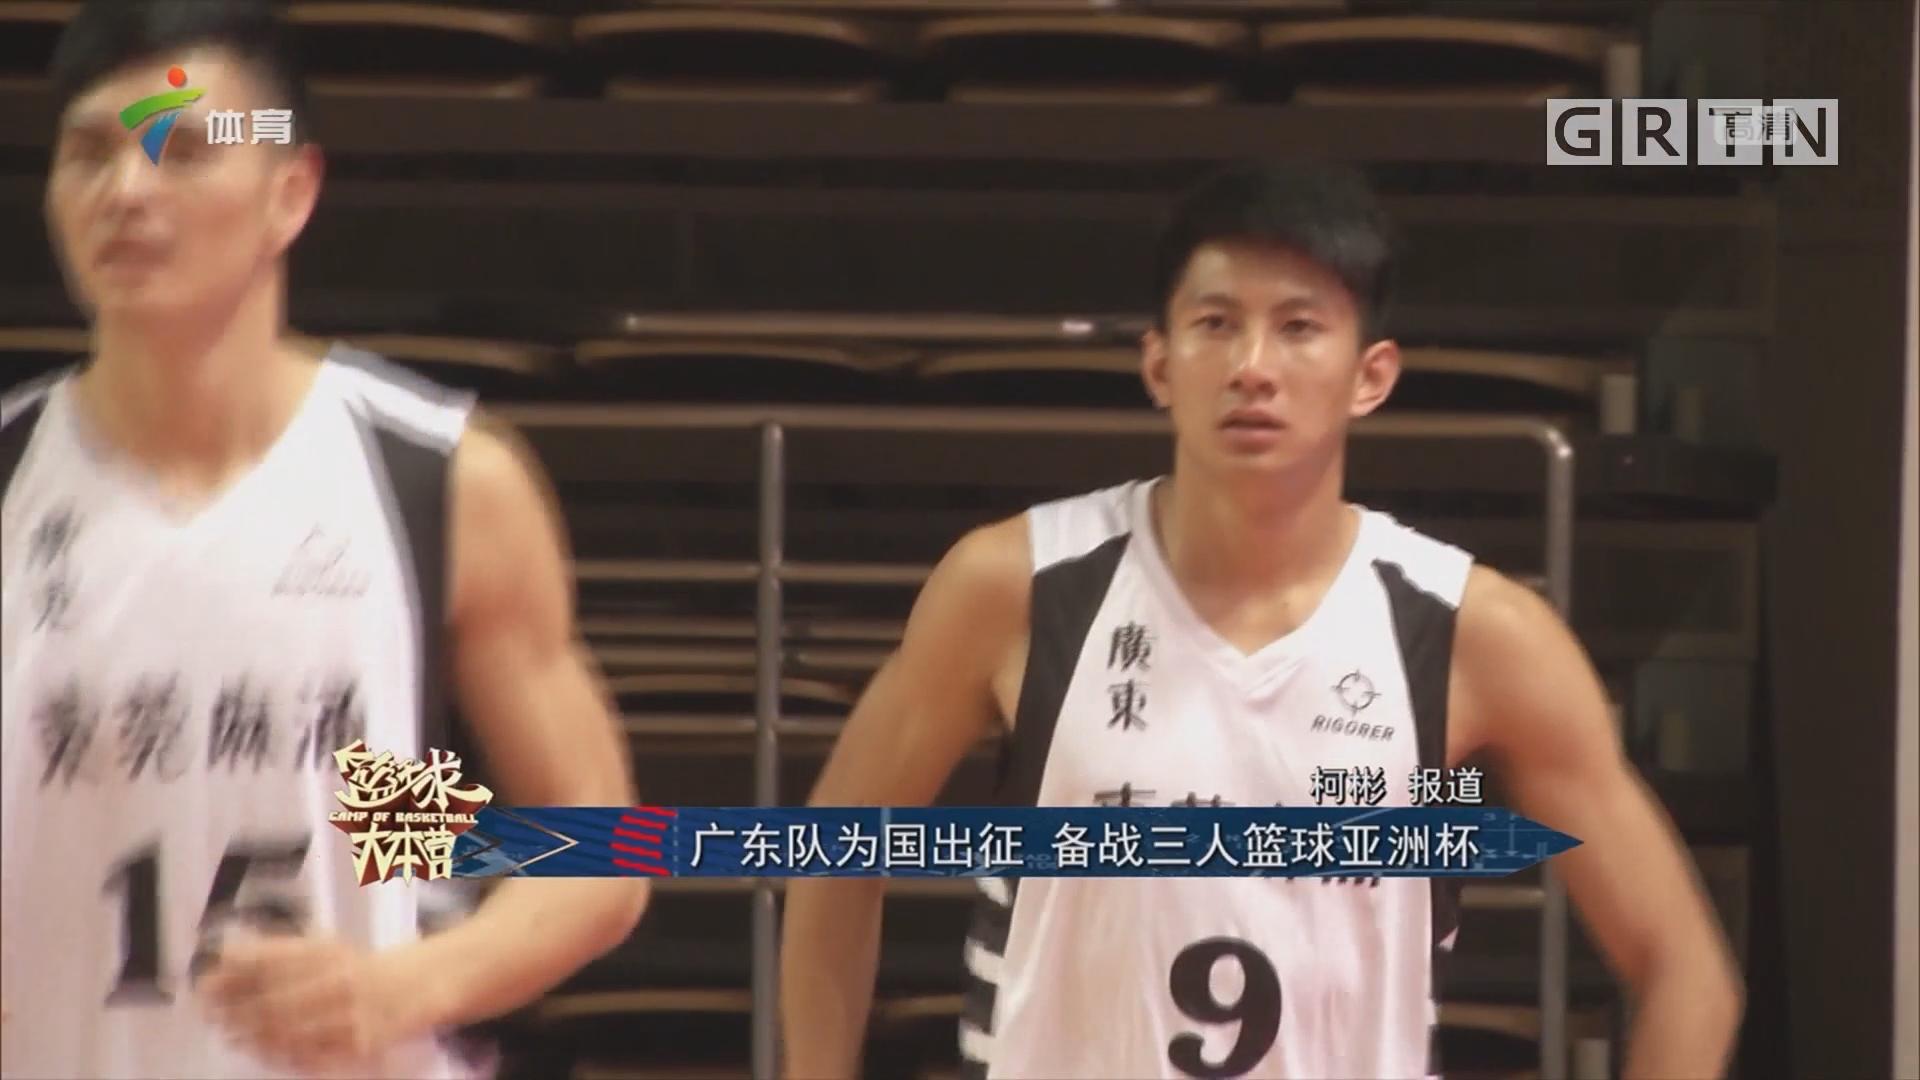 广东队为国出征 备战三人篮球亚洲杯